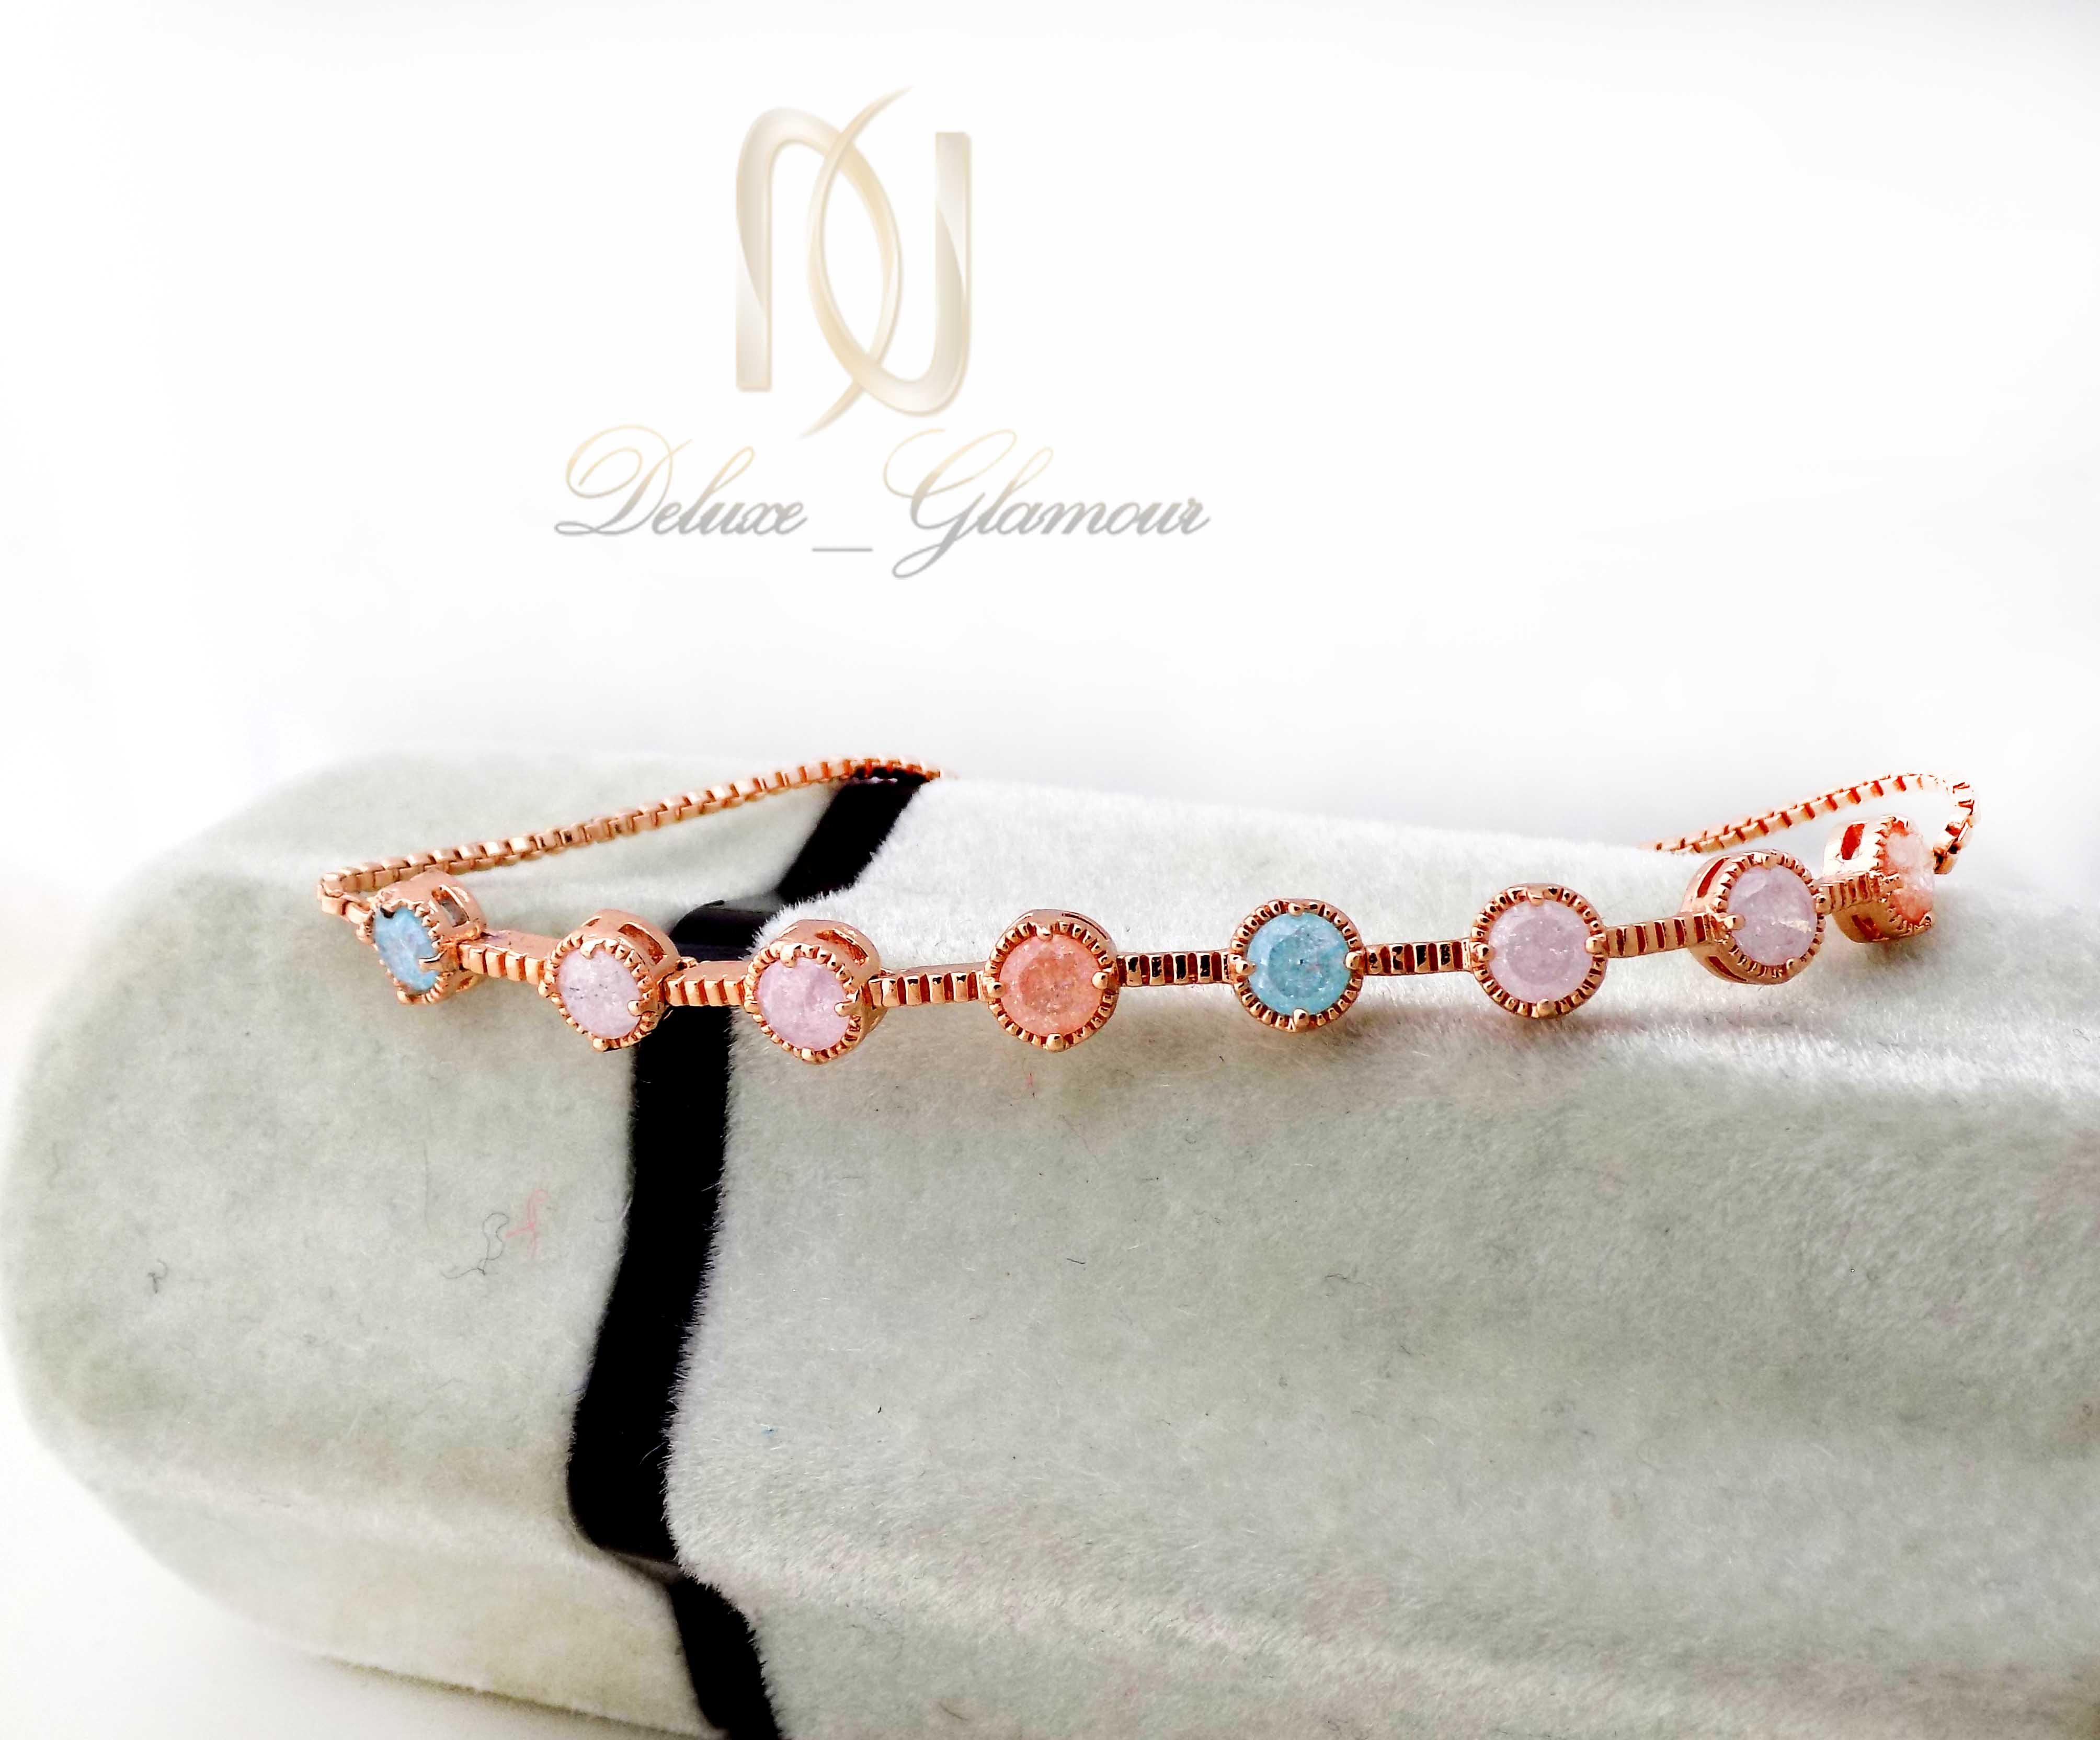 دستبند دخترانه کلیو با سنگ اوپال قیمتی ds-n400 از نمای دور